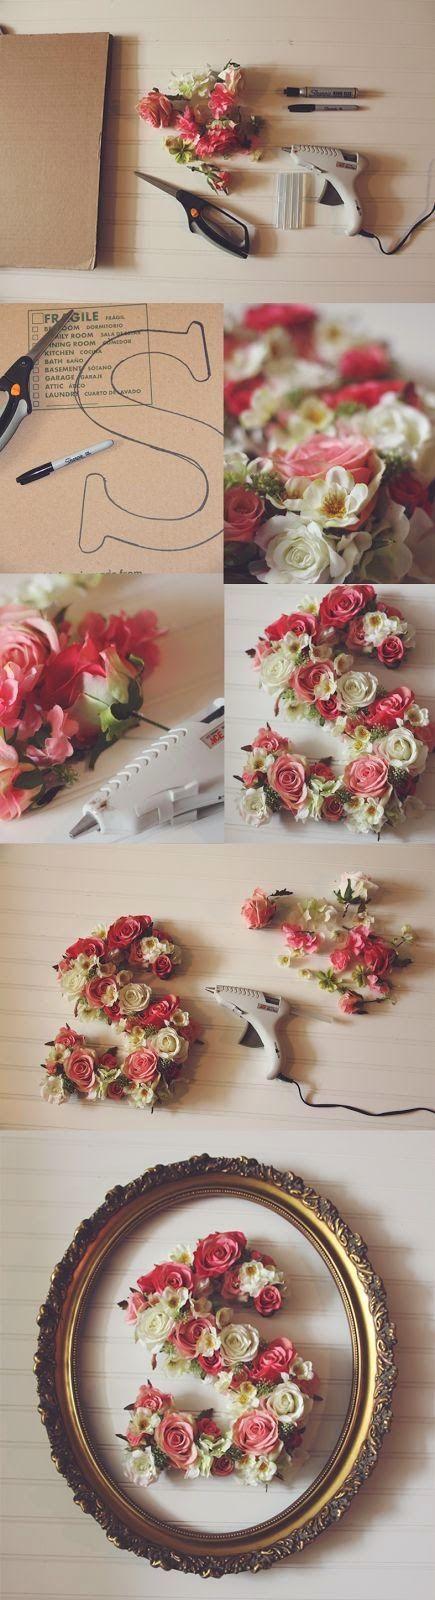 DIY framed floral letter